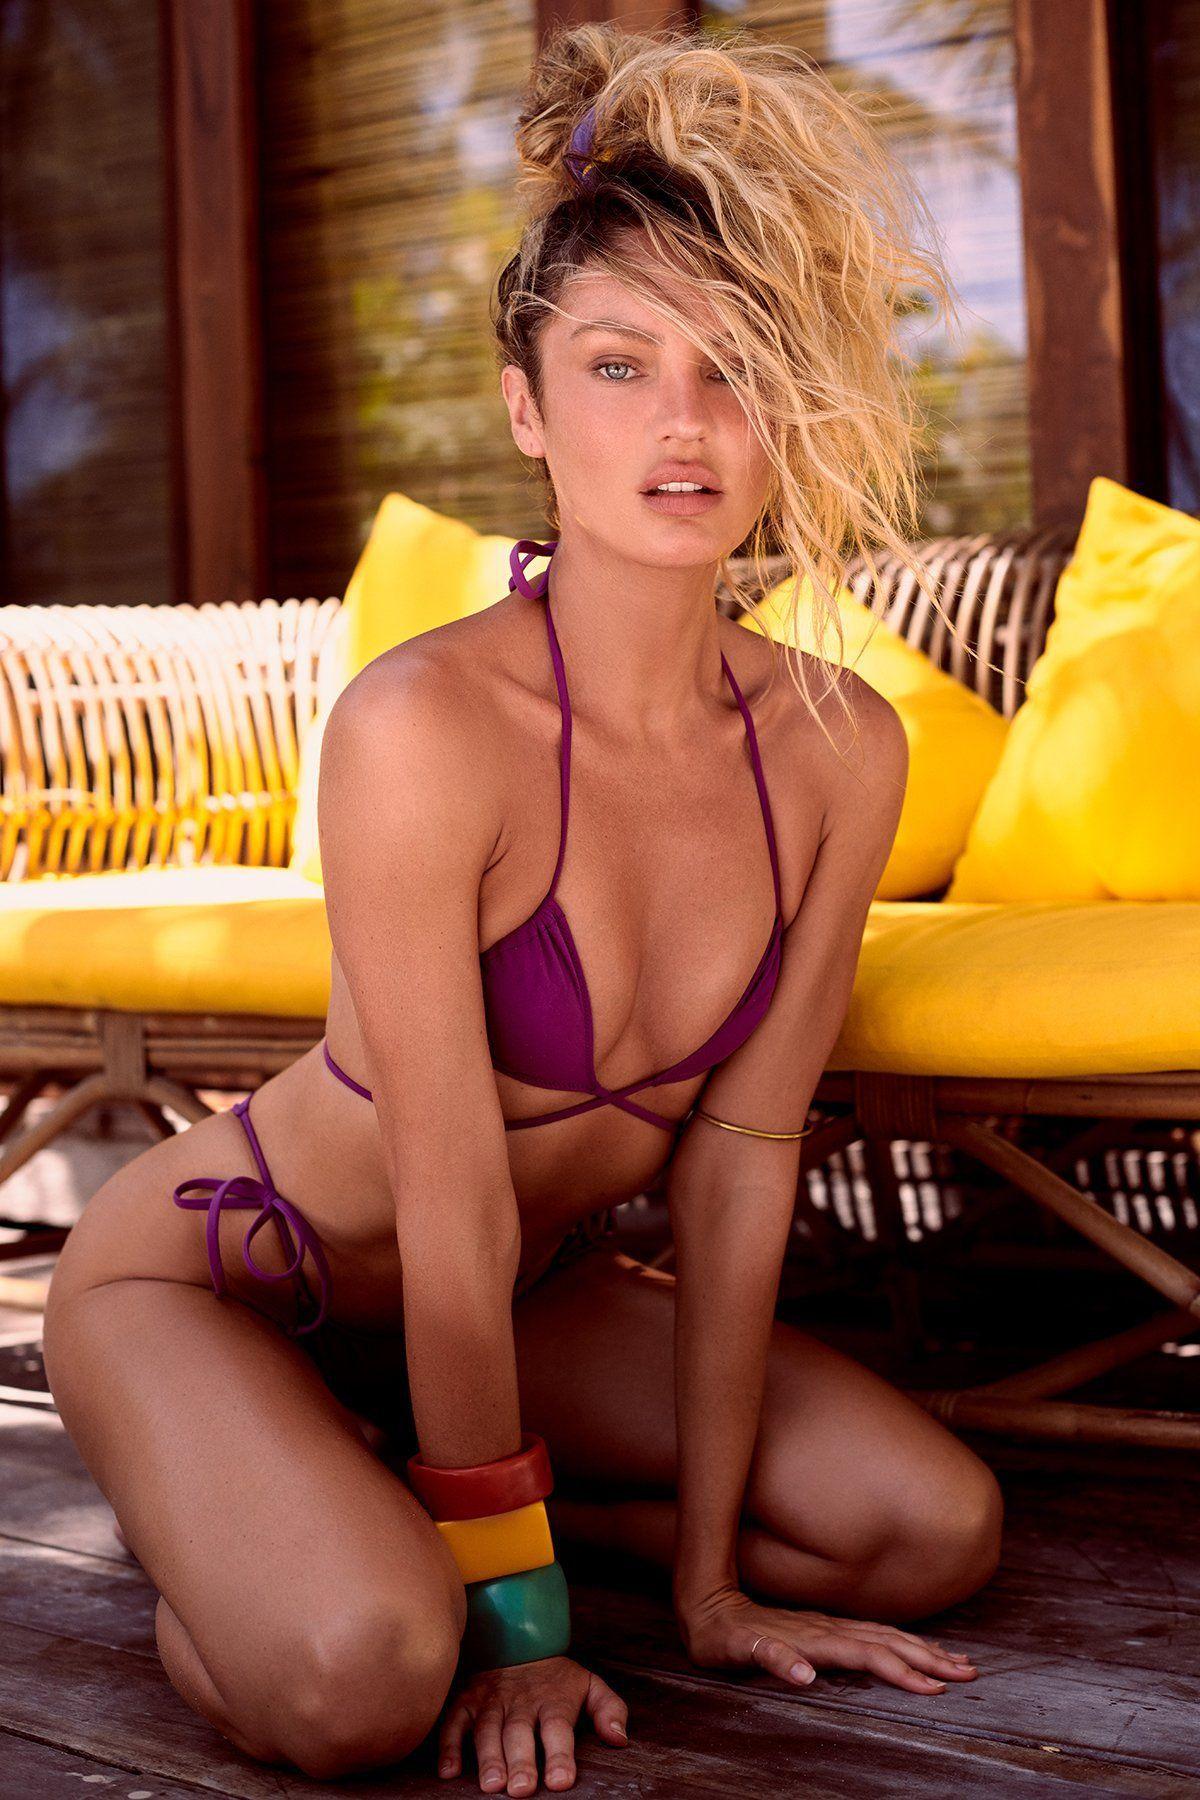 Candice Swanepoel Sexy Pics